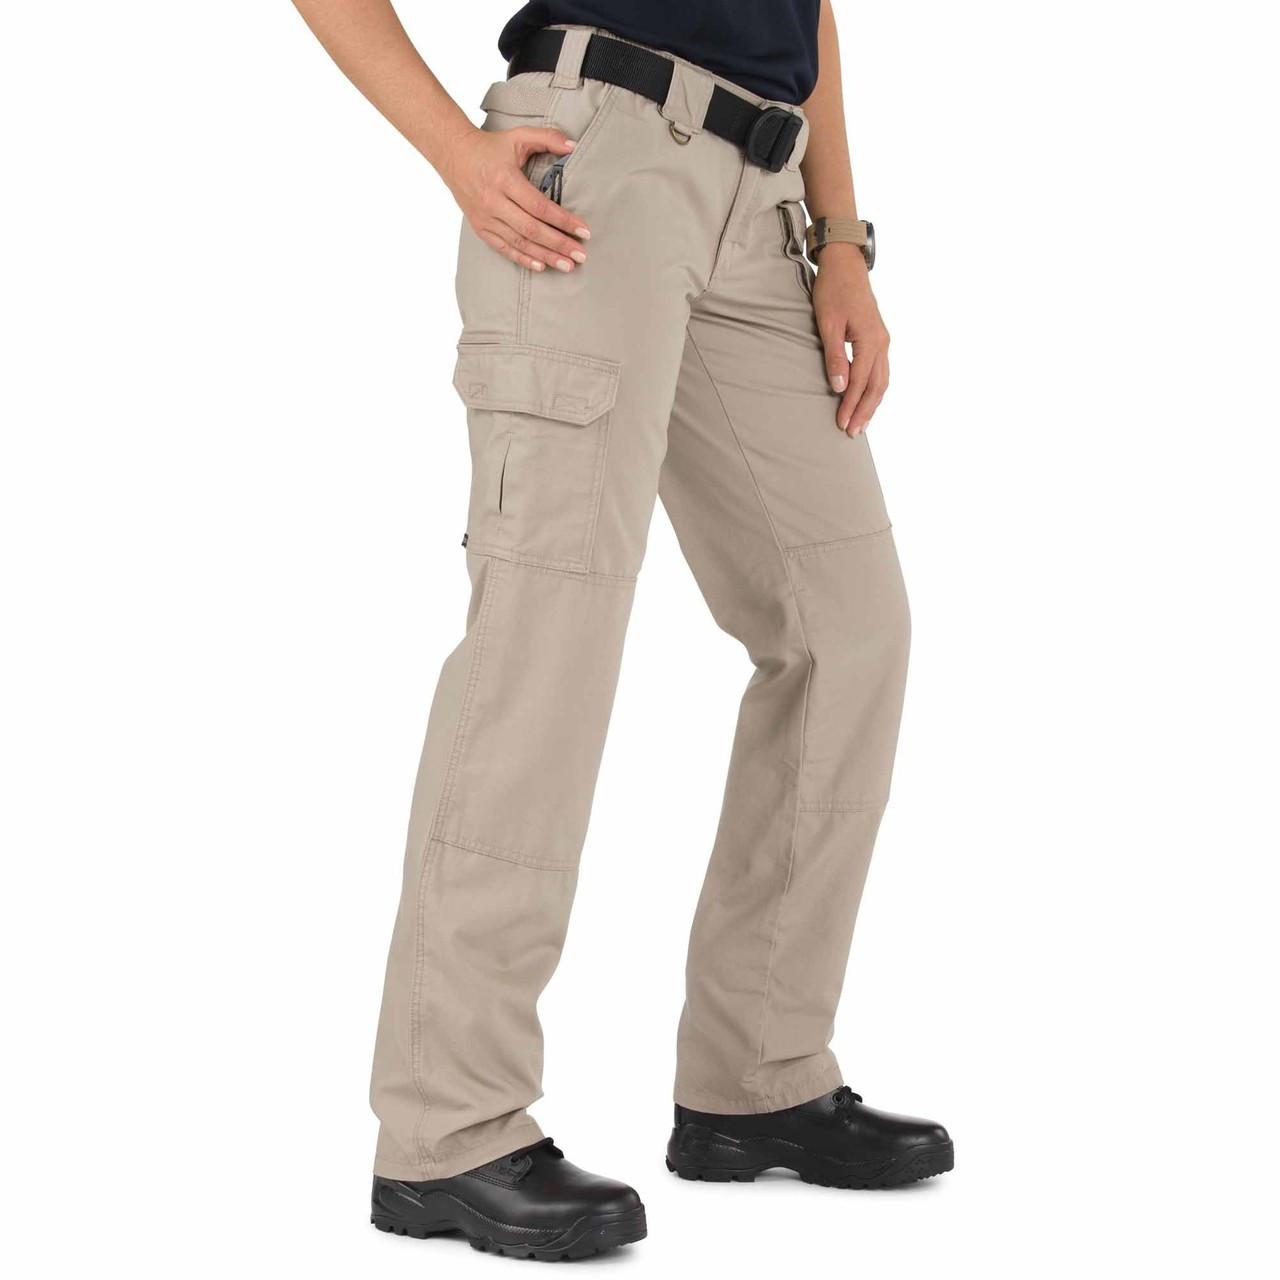 5 11 Pantalon Tactico Para Mujer Tactico Tienda Tactica Imperio